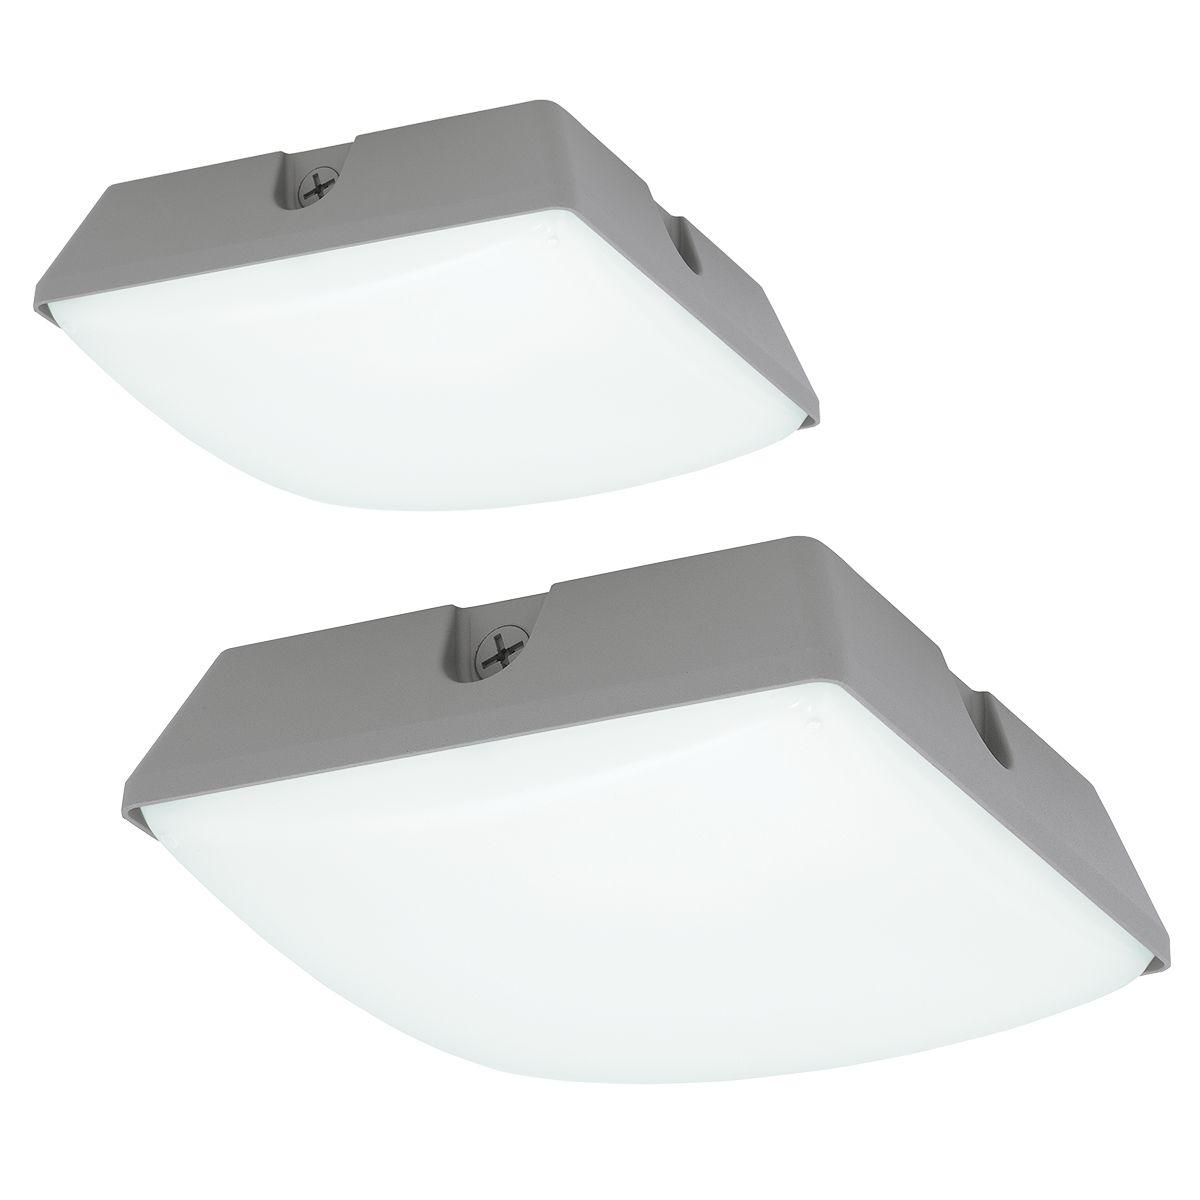 Hubbell® Outdoor Lighting LSQ1-40-4K-PCU